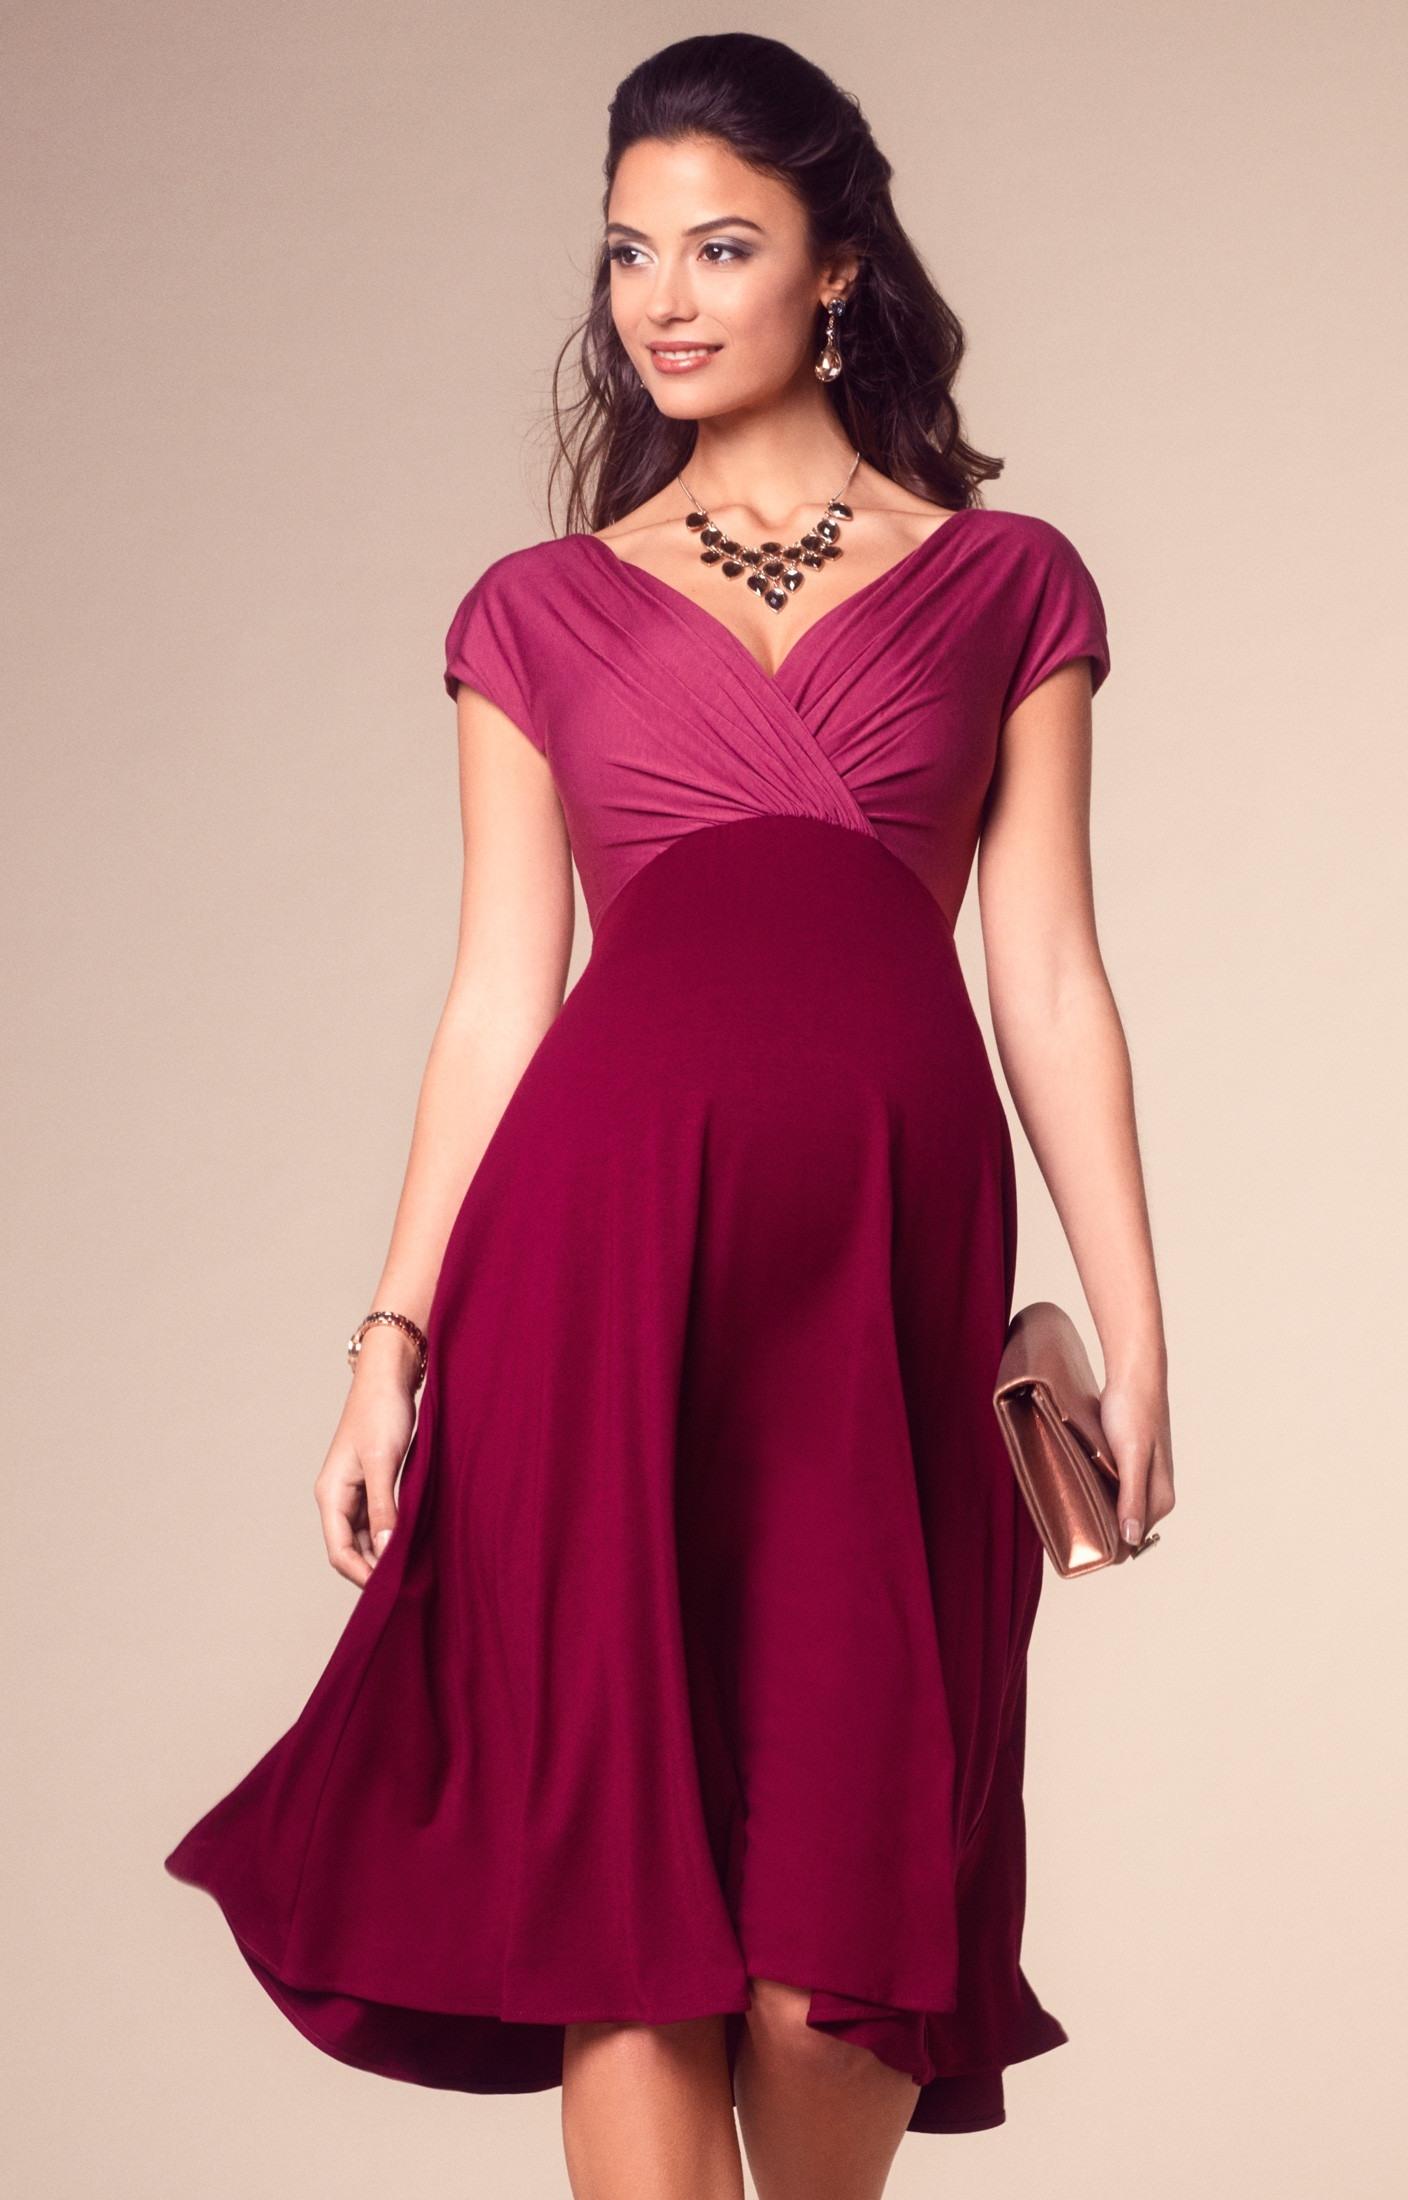 designer coolste abendkleider für schwangere design - abendkleid